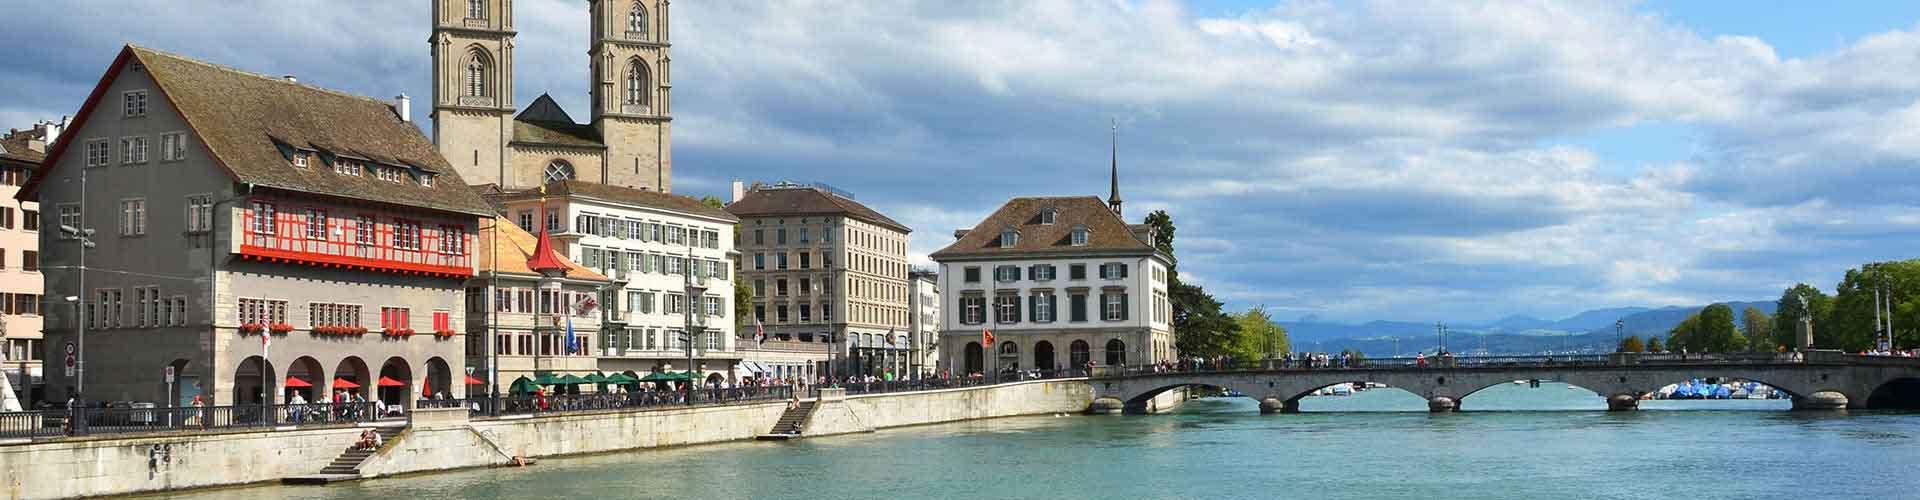 Zurich – Huoneet kohteessa Zurich. Zurich -karttoja, valokuvia ja arvosteluja kaikista Zurich -huoneista.